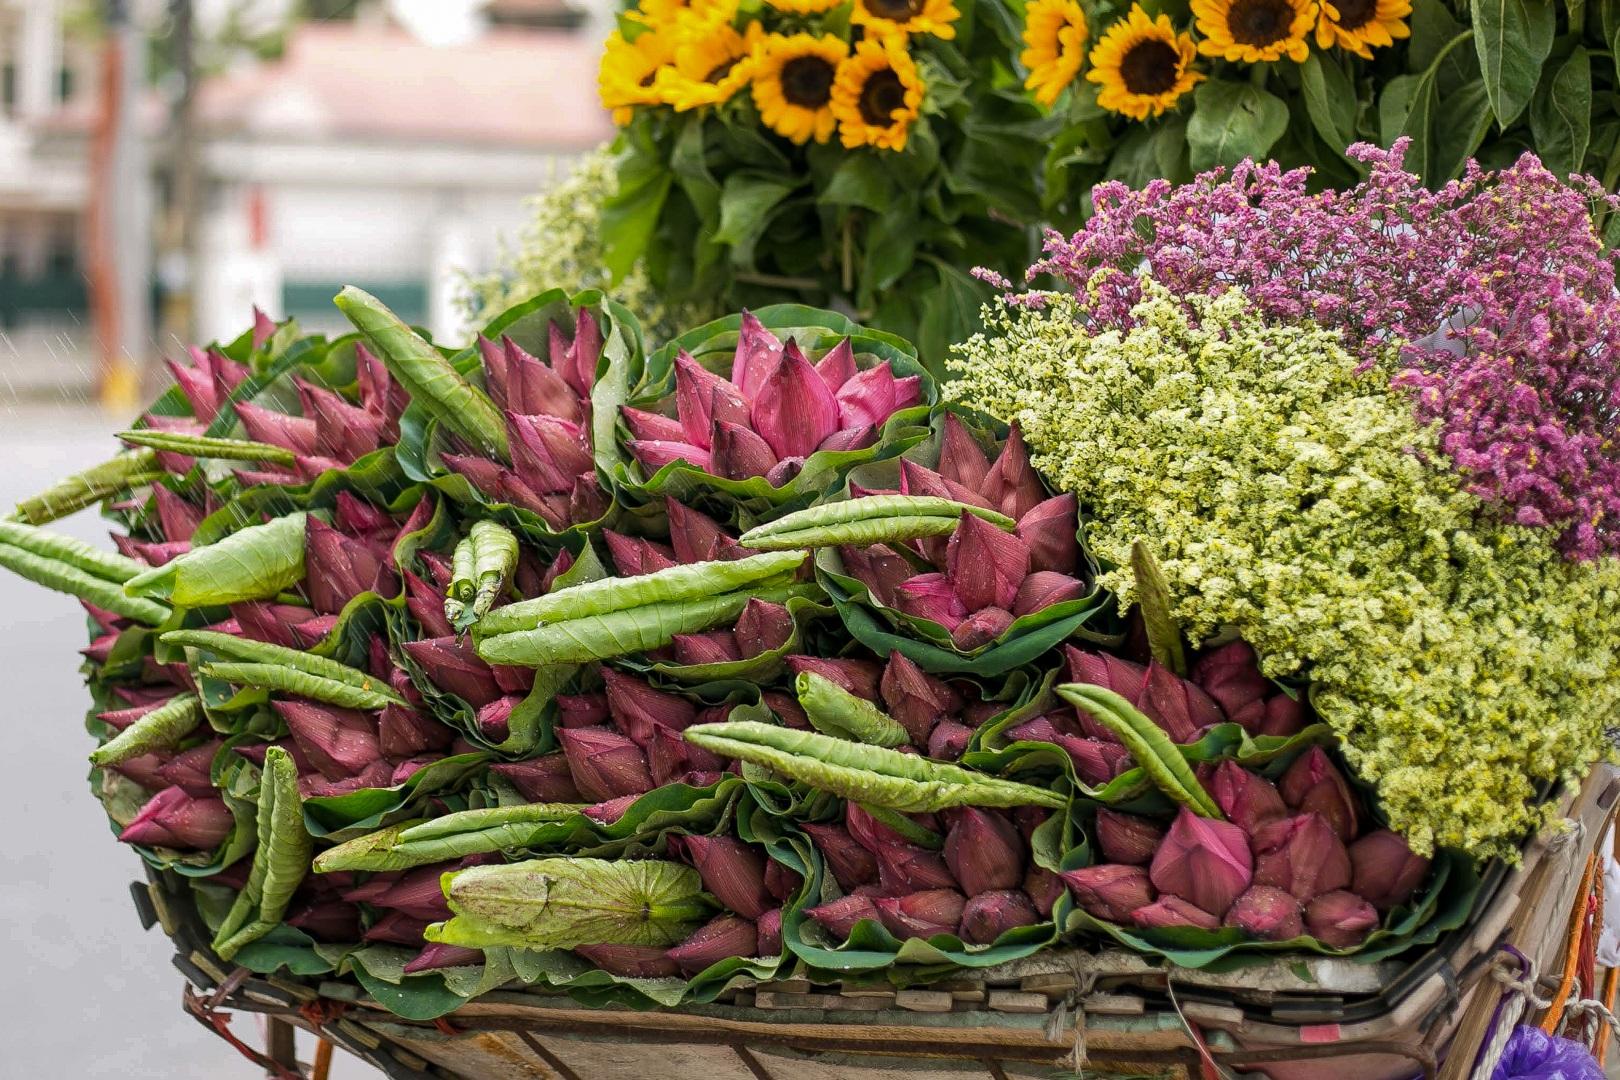 Nhẹ nhàng hương sắc hoa sen đầu mùa - 3